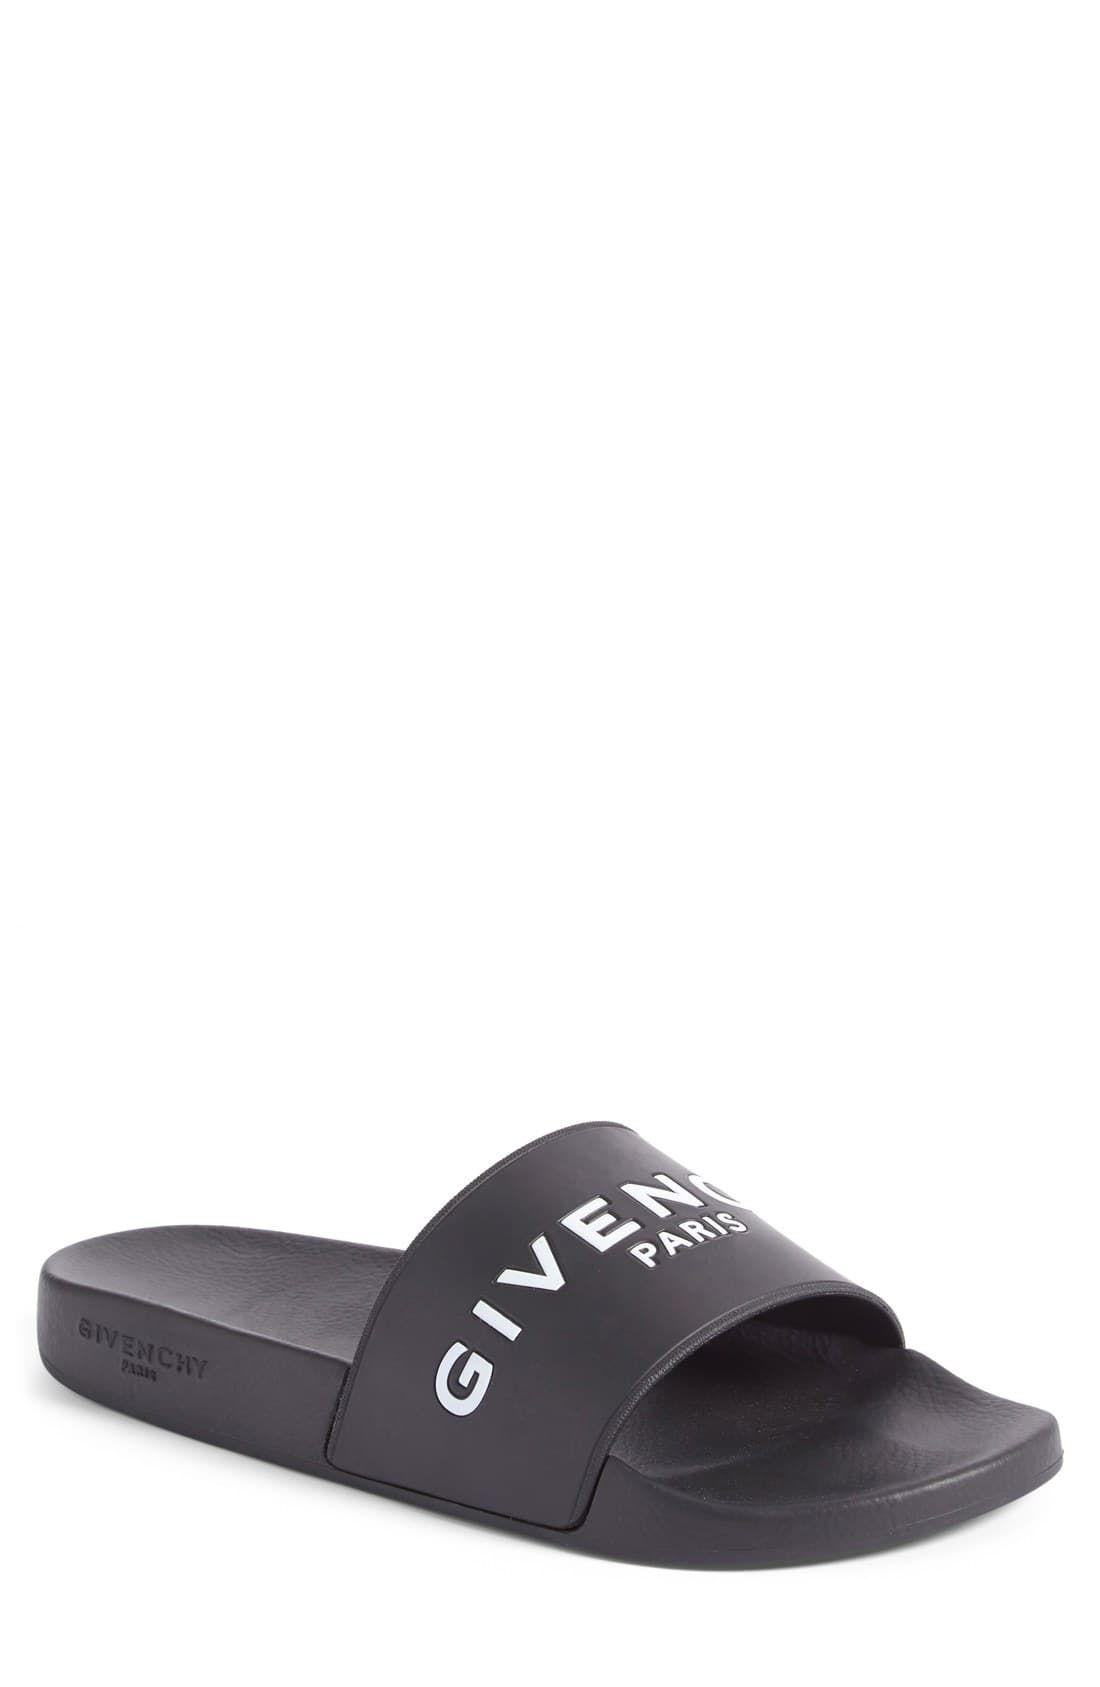 Givenchy Slide Sandal Men Nordstrom Givenchy Slides Givenchy Sandals Womens Sandals